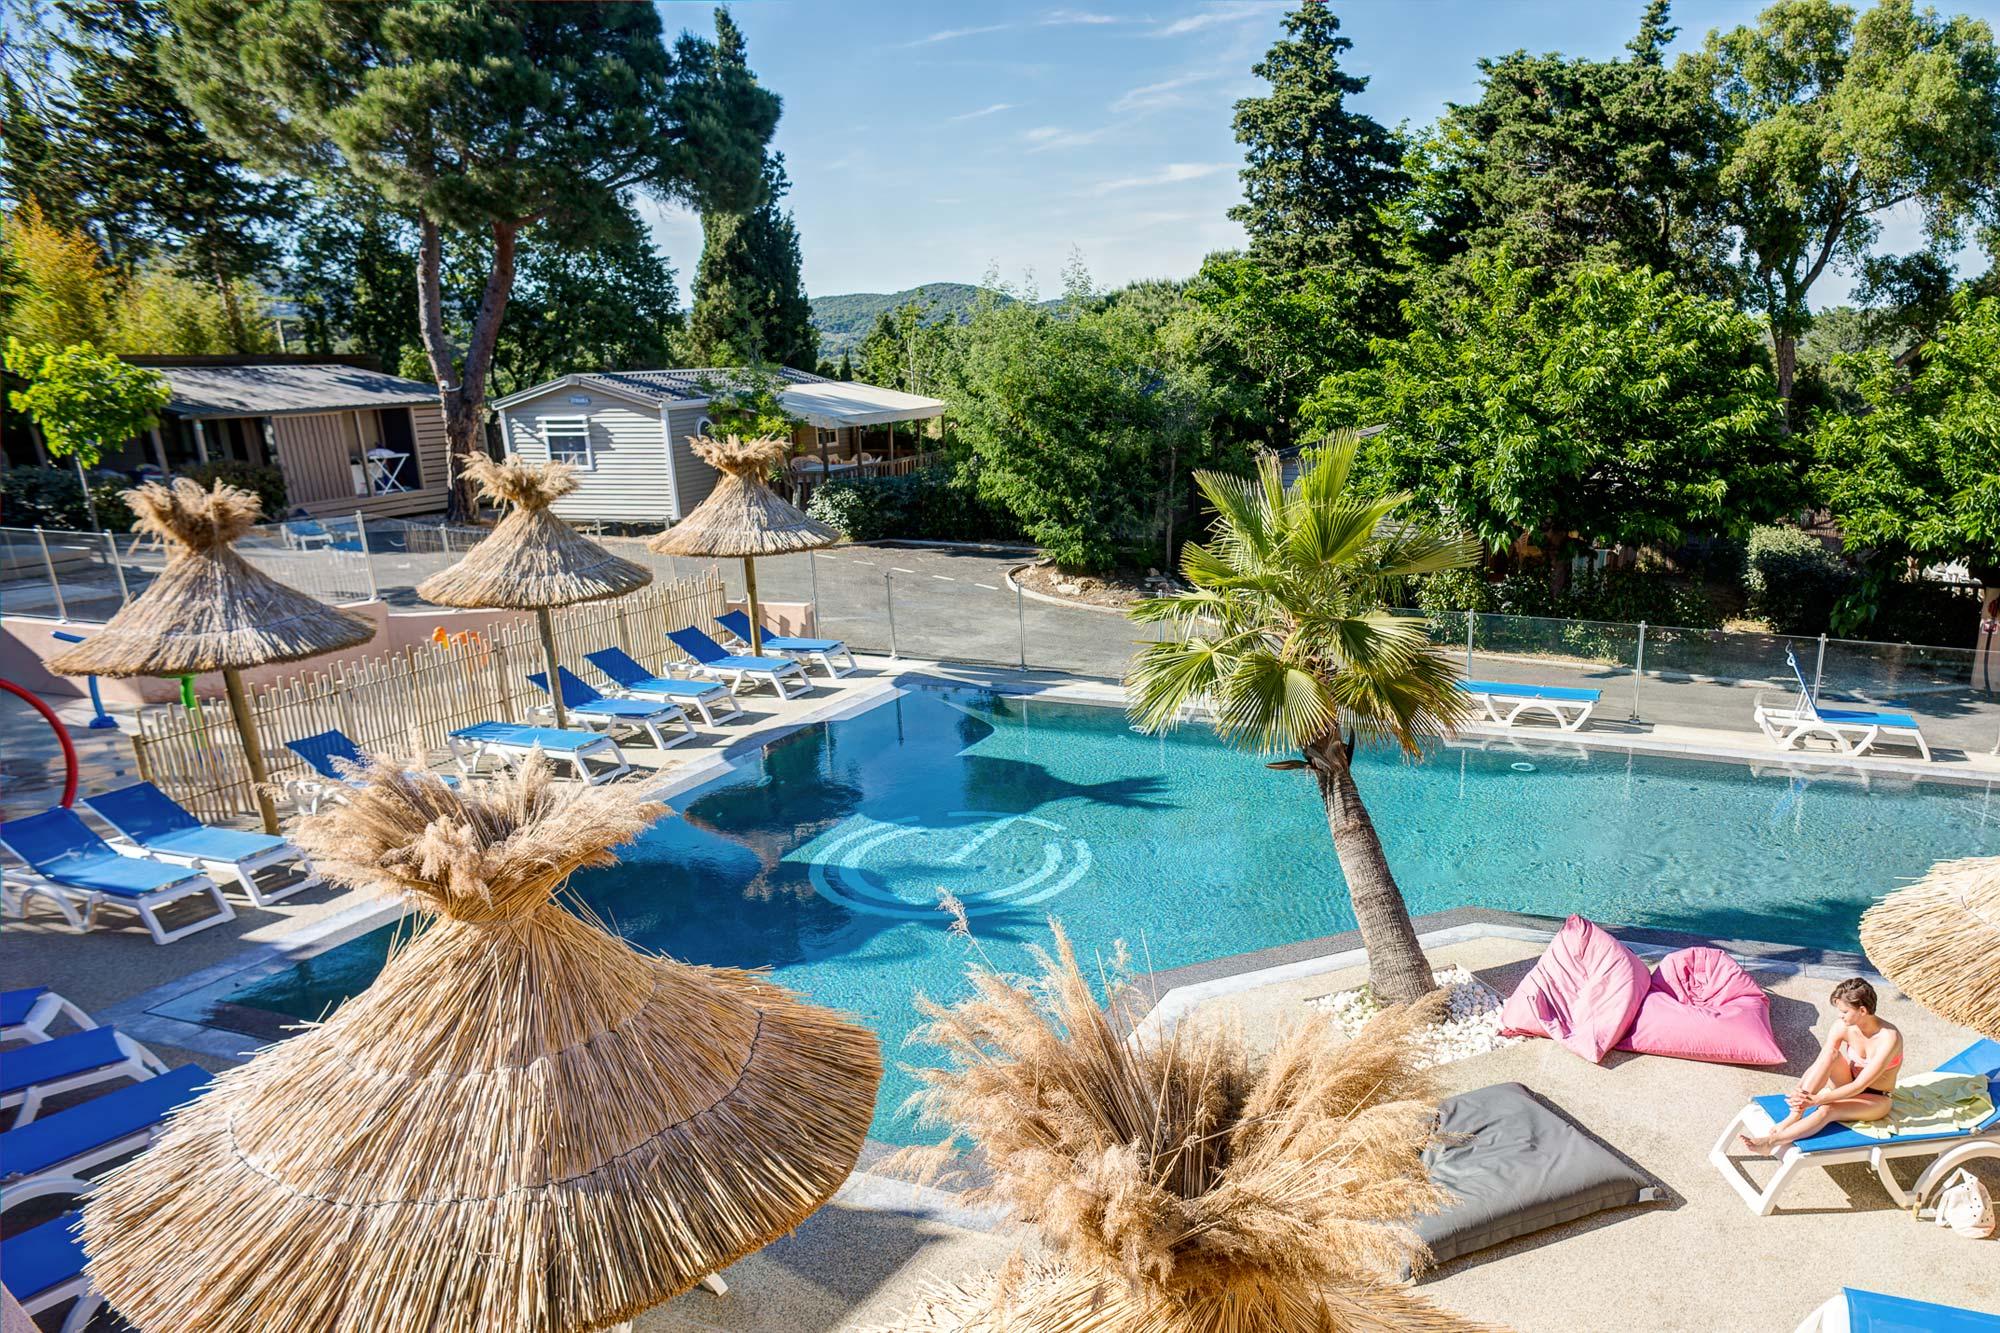 Camping ramatuelle cap taillat 4 toiles saint tropez for Camping saint tropez avec piscine